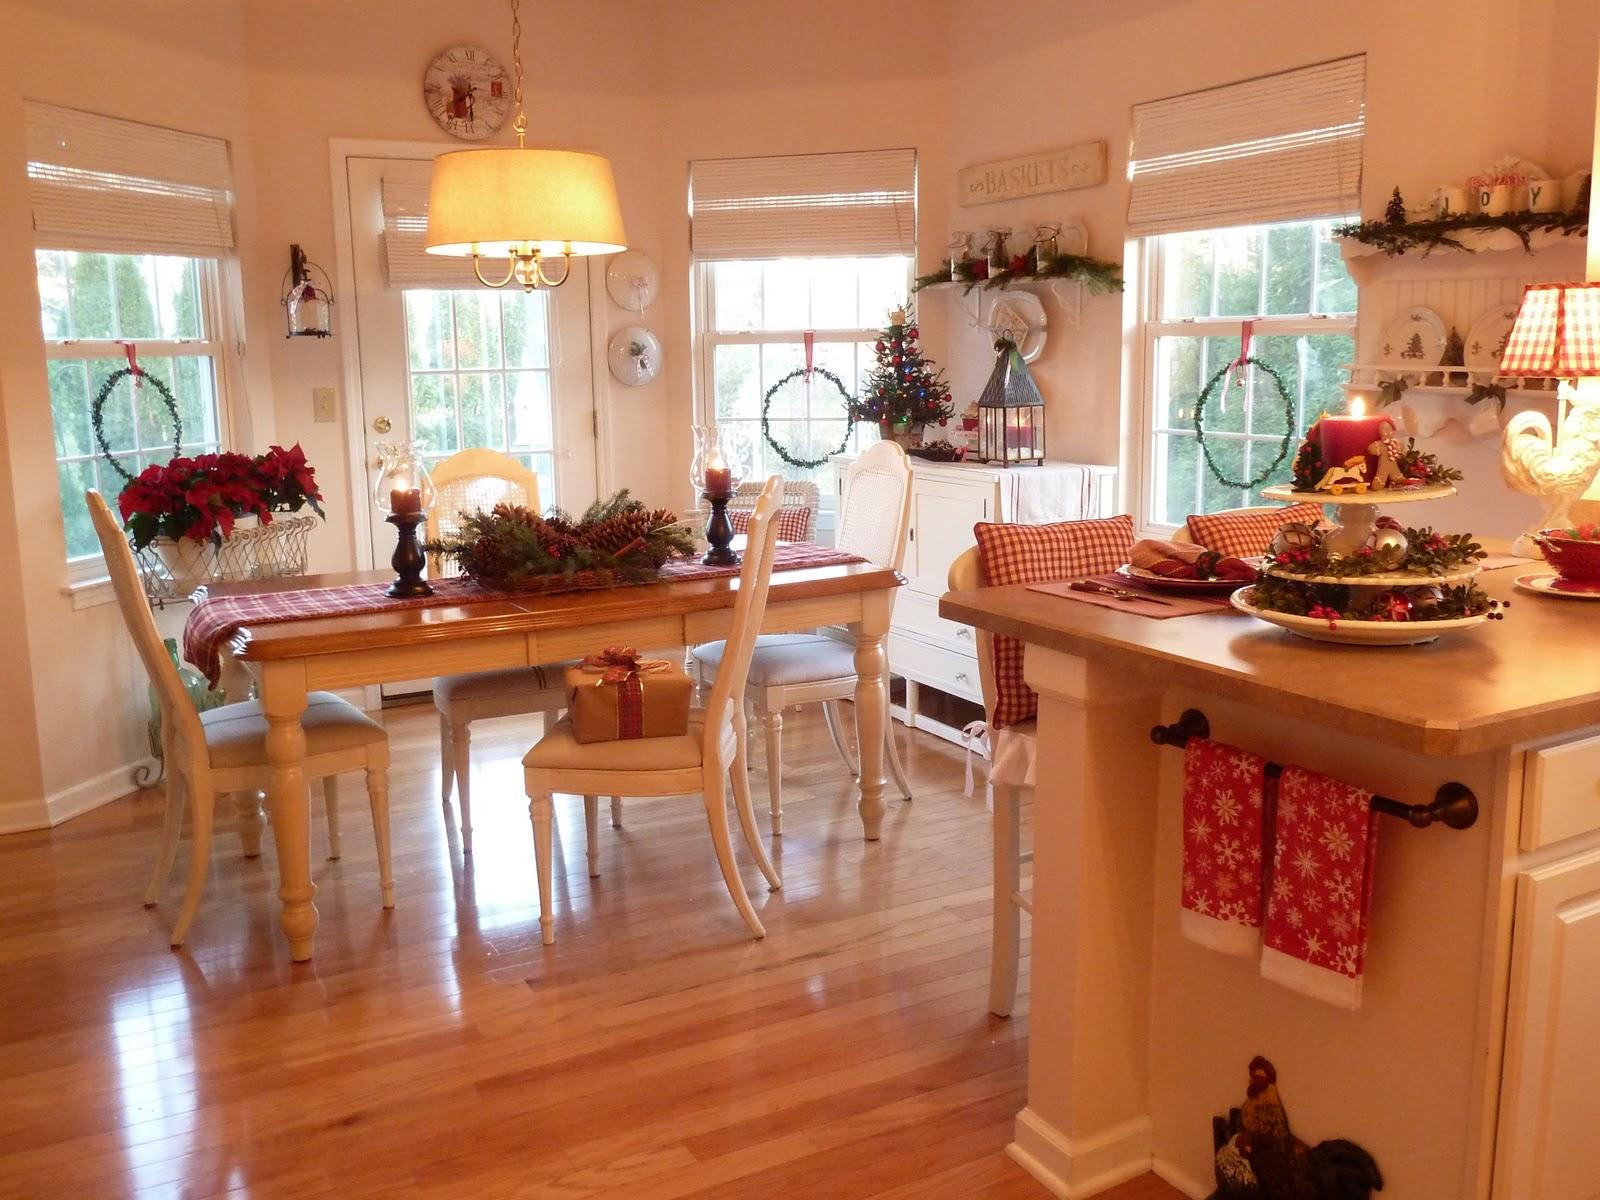 decoracao cozinha natal : decoracao cozinha natal: de Decoração Natalina para Cozinha e Sala de Jantar – Design Innova